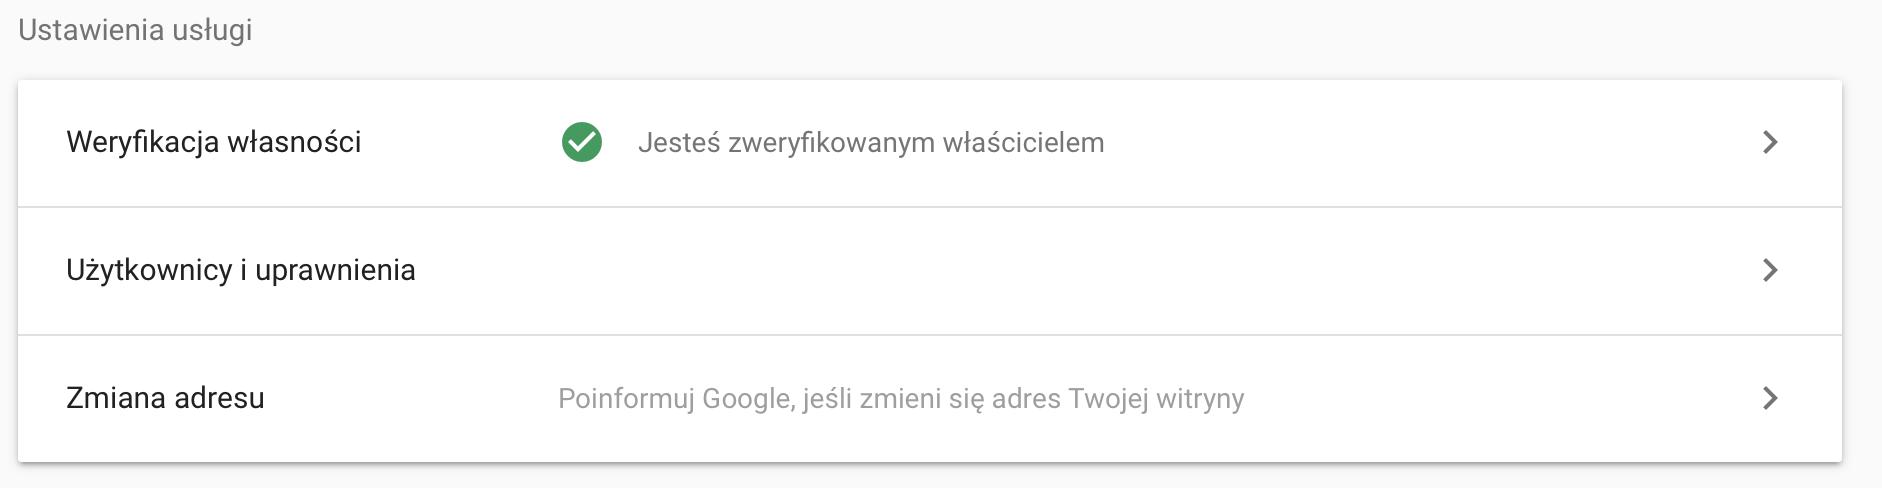 dodawanie użytkowników dogoogle search console